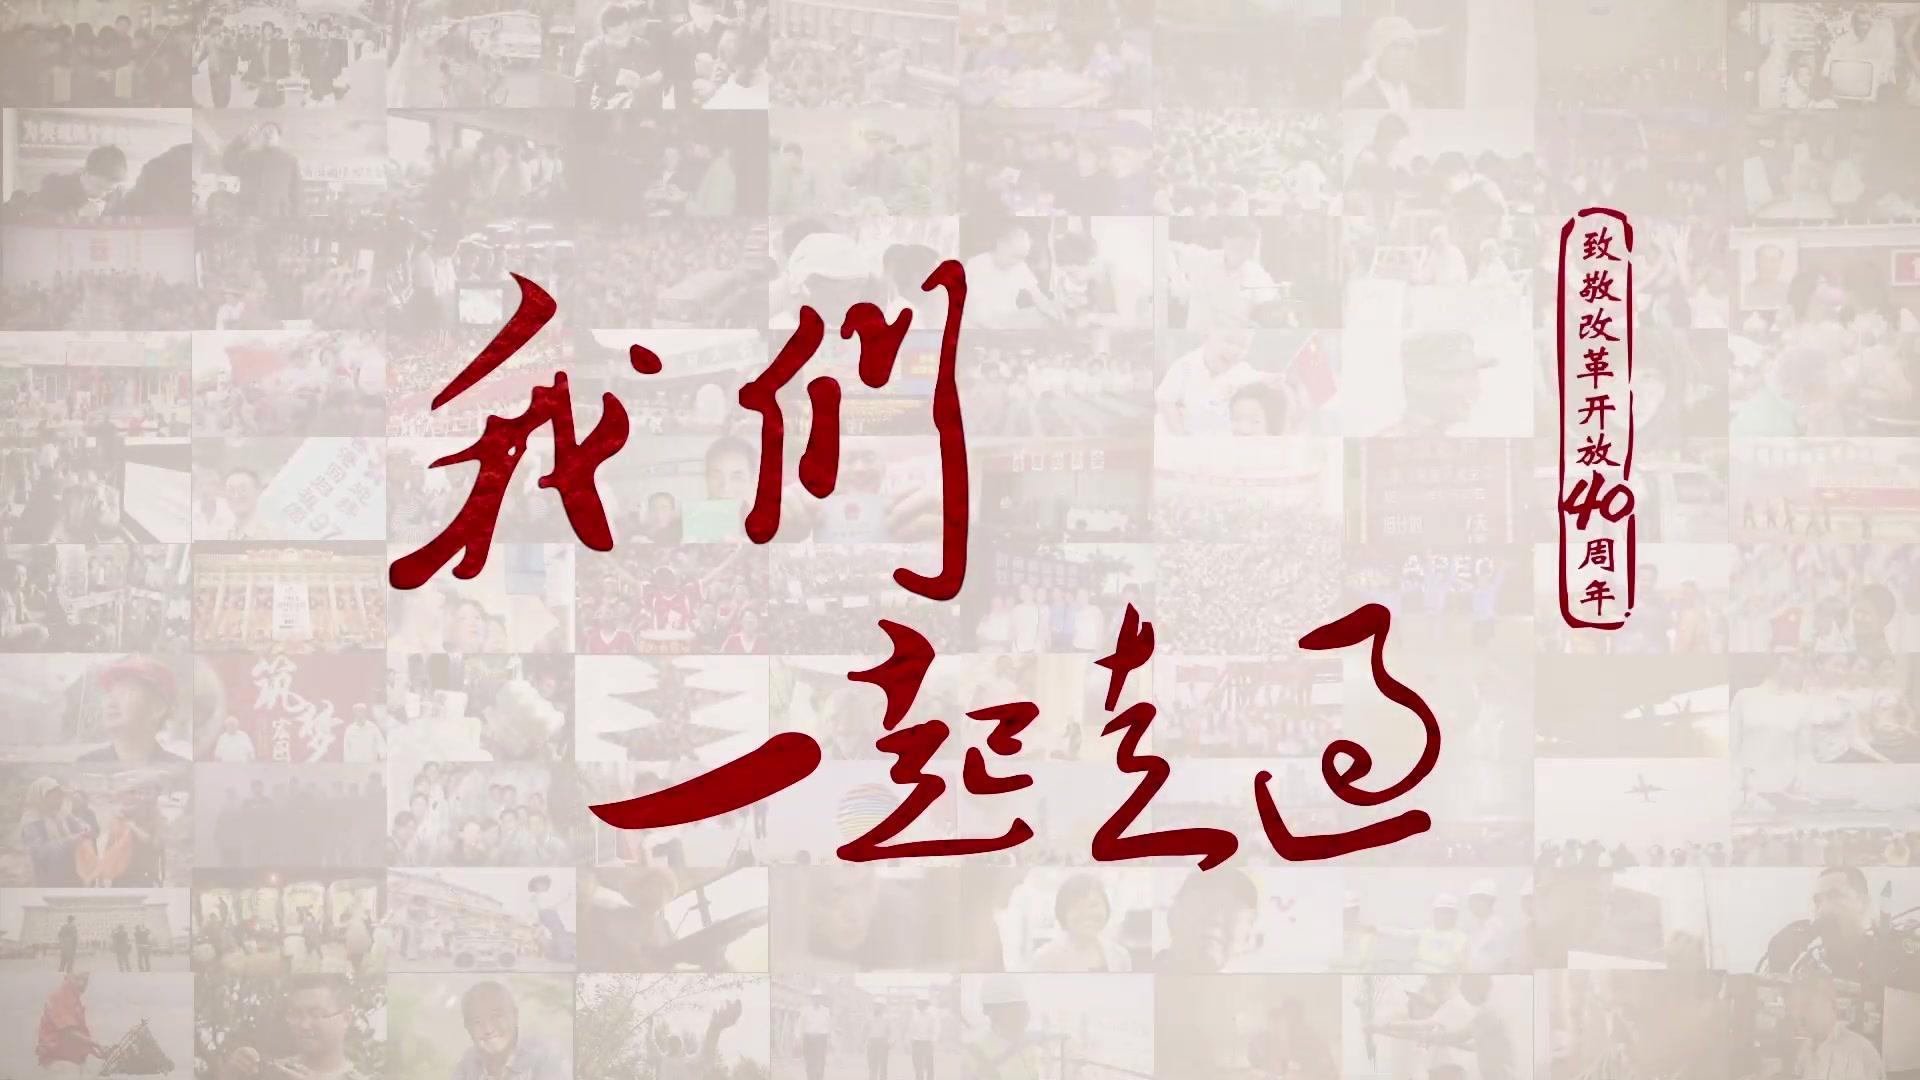 《我们一起走过——致敬改革开放40周年》第十三 十四集